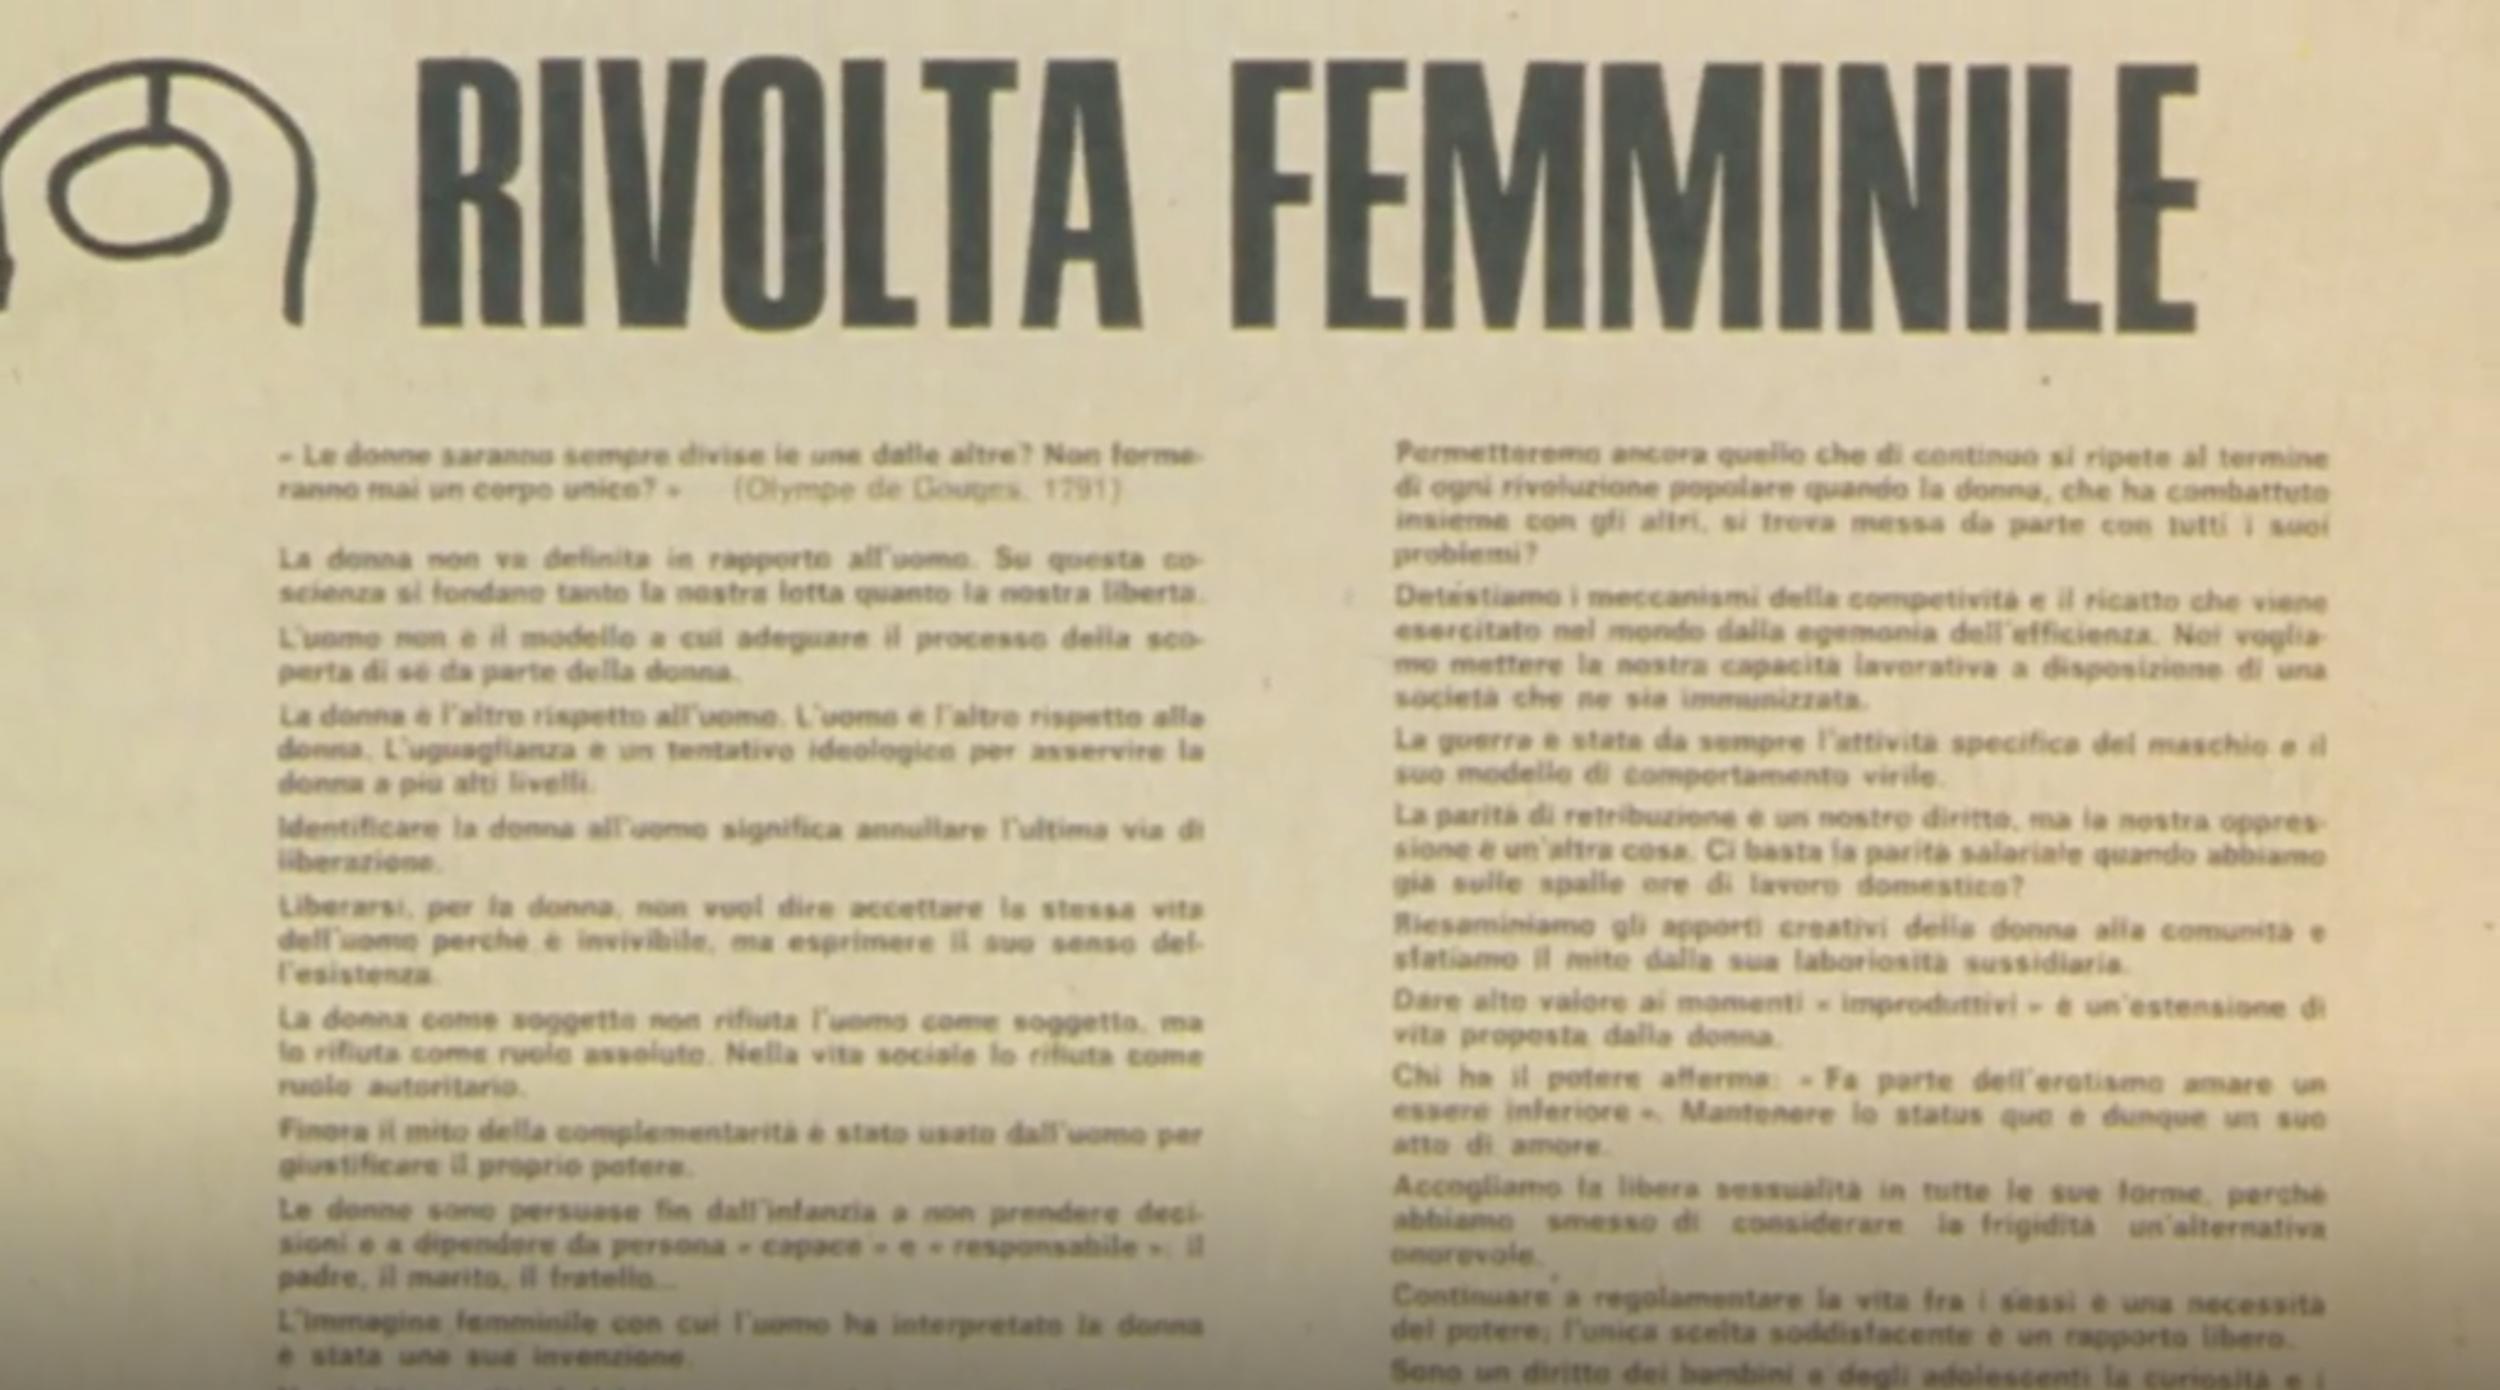 Il femminismo a Milano, Sesso e Politica, MeMoMI, edited by Lea Melandri, 2014, Screenshot.png